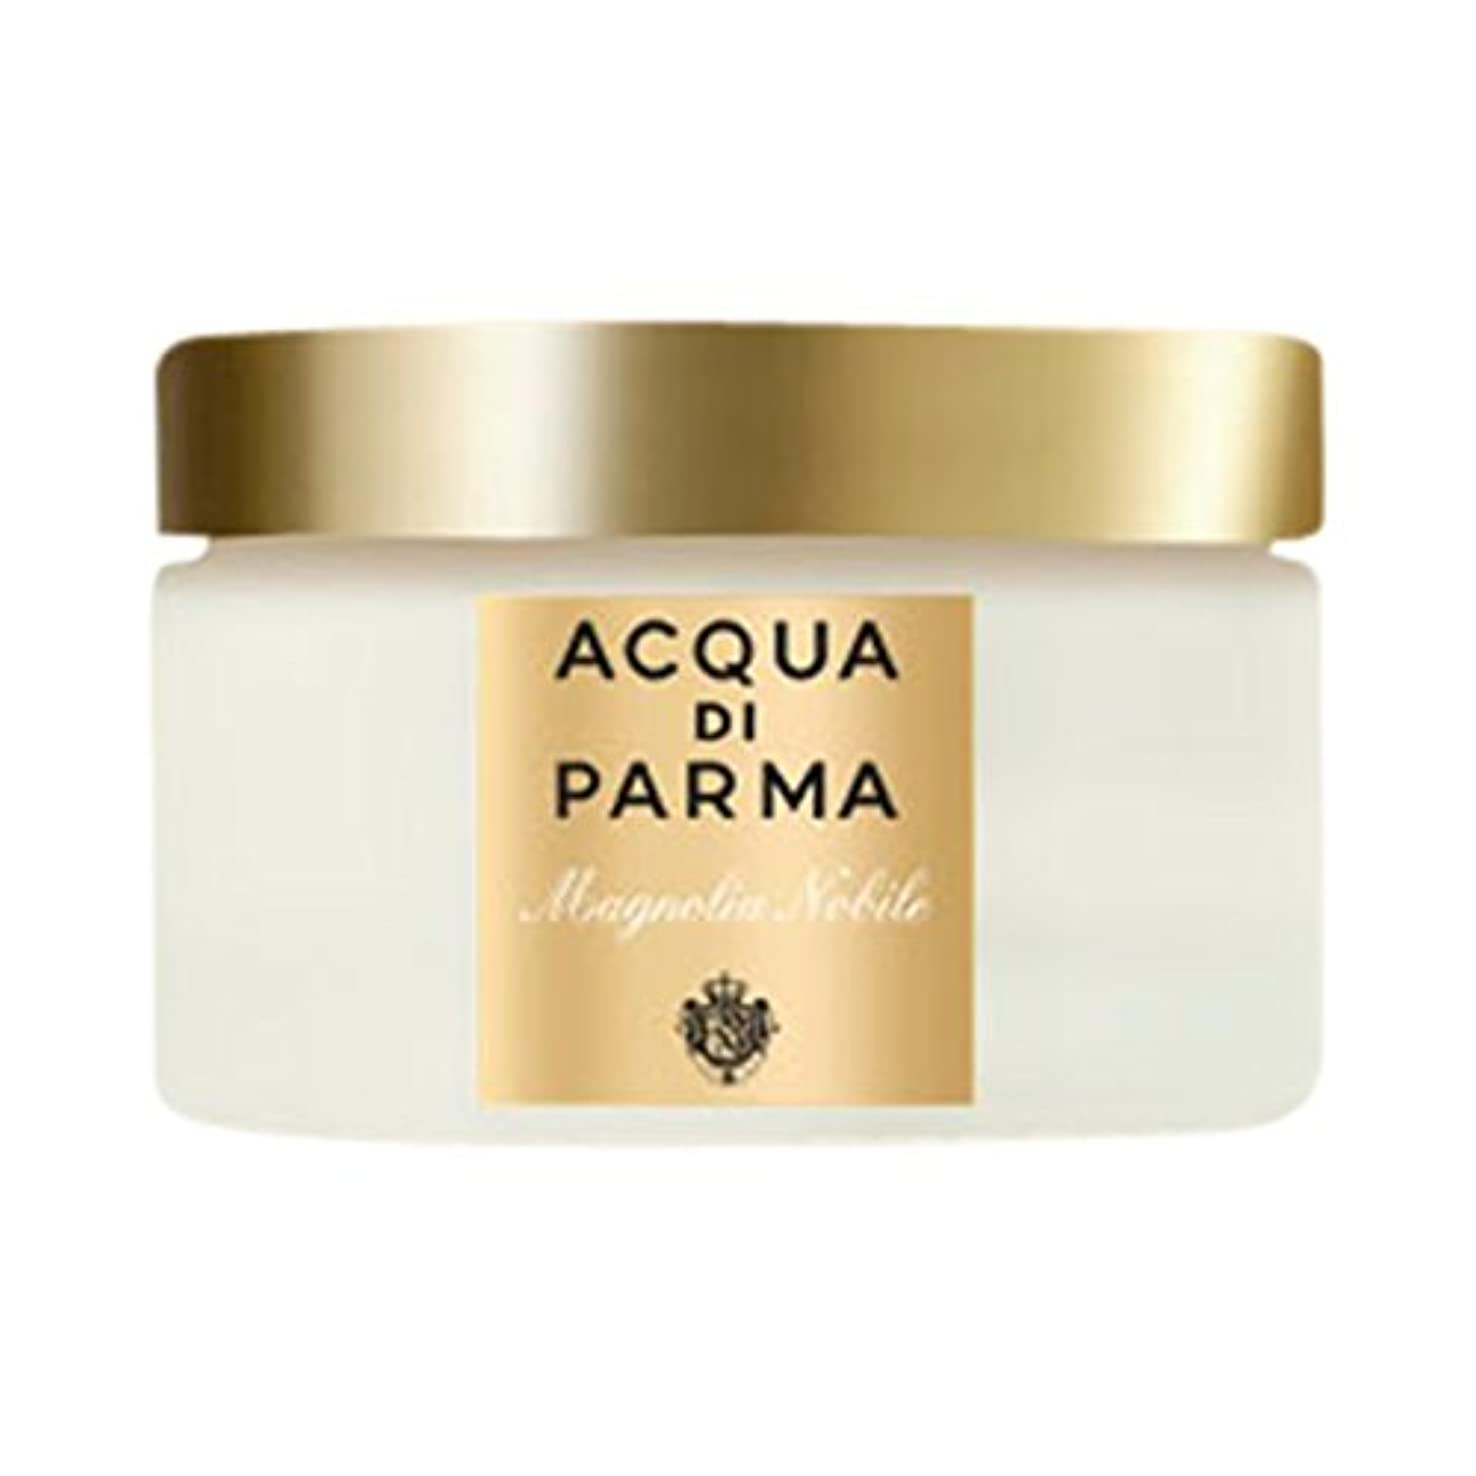 居住者関係ない機会ボディクリーム150ミリリットルノビルアクア?ディ?パルマモクレン (Acqua di Parma) - Acqua di Parma Magnolia Nobile Body Cream 150ml [並行輸入品]